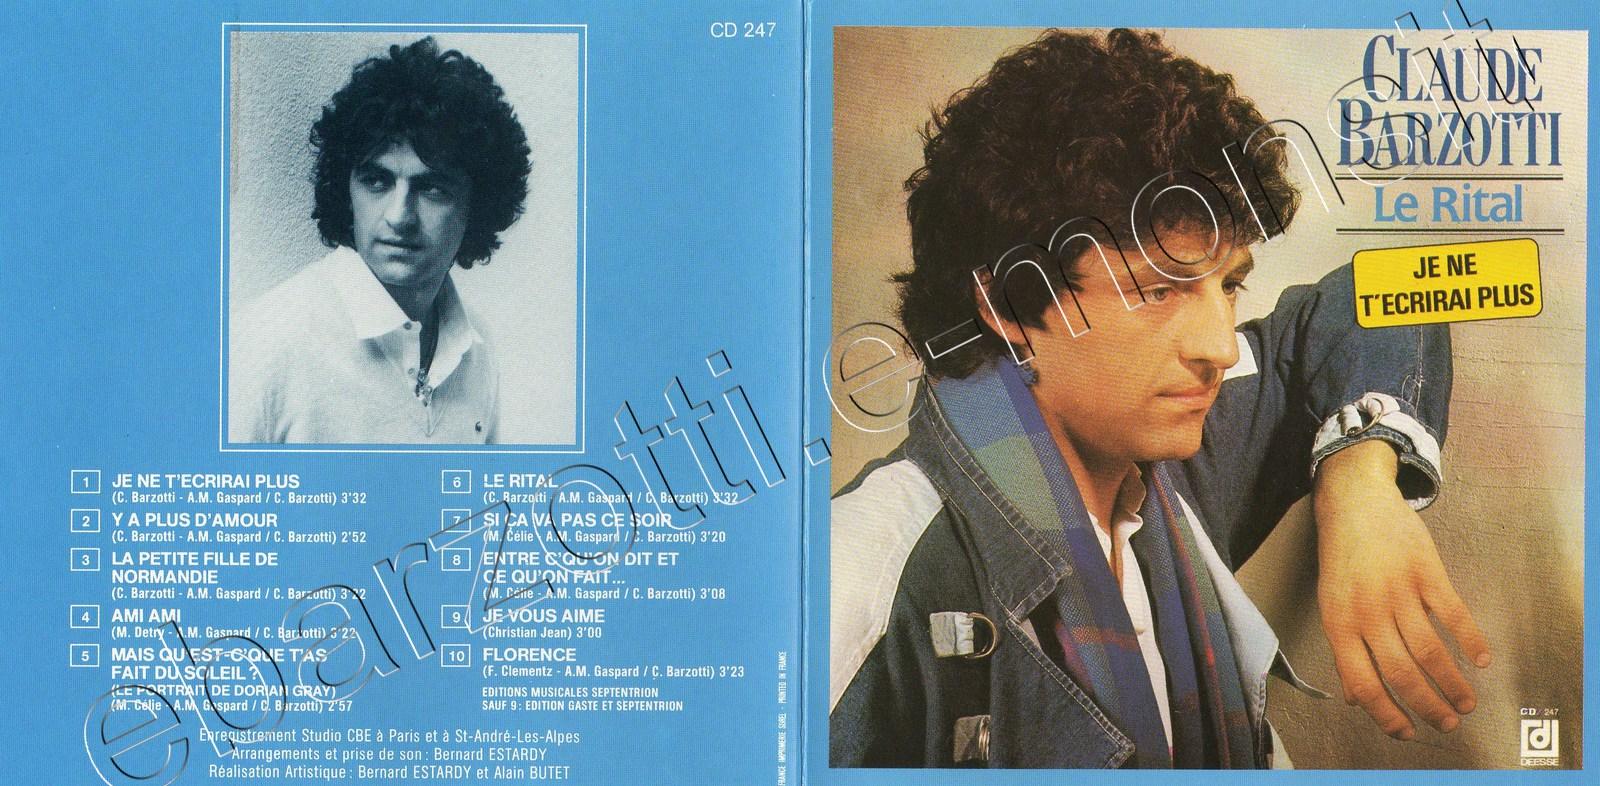 pochette du CD Le Rital Japon